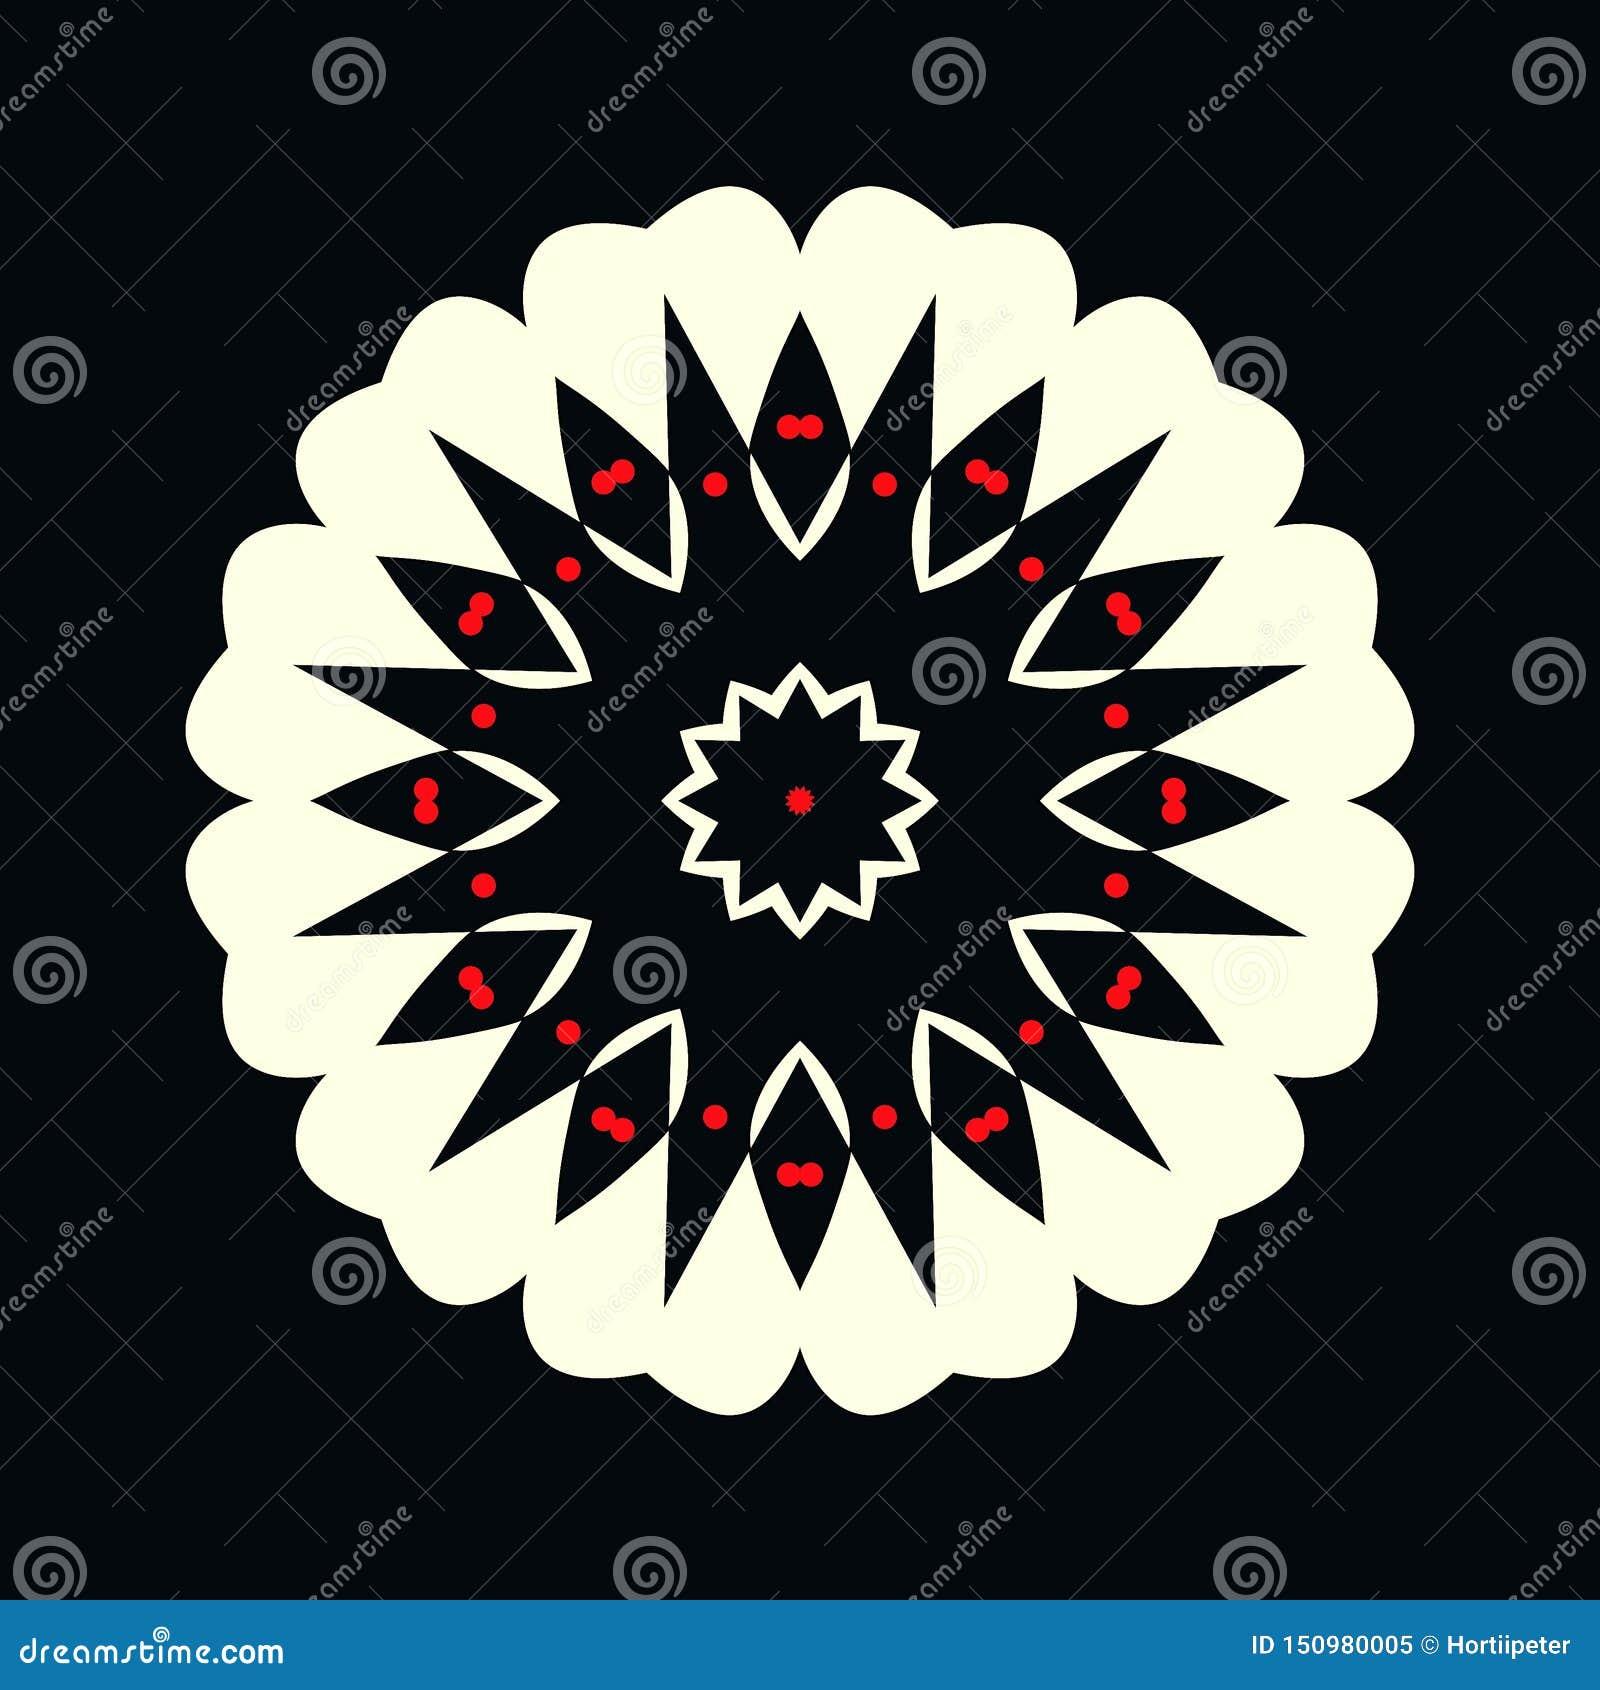 Logotipo blanco y negro decorativo con los puntos rojos en la forma de una flor